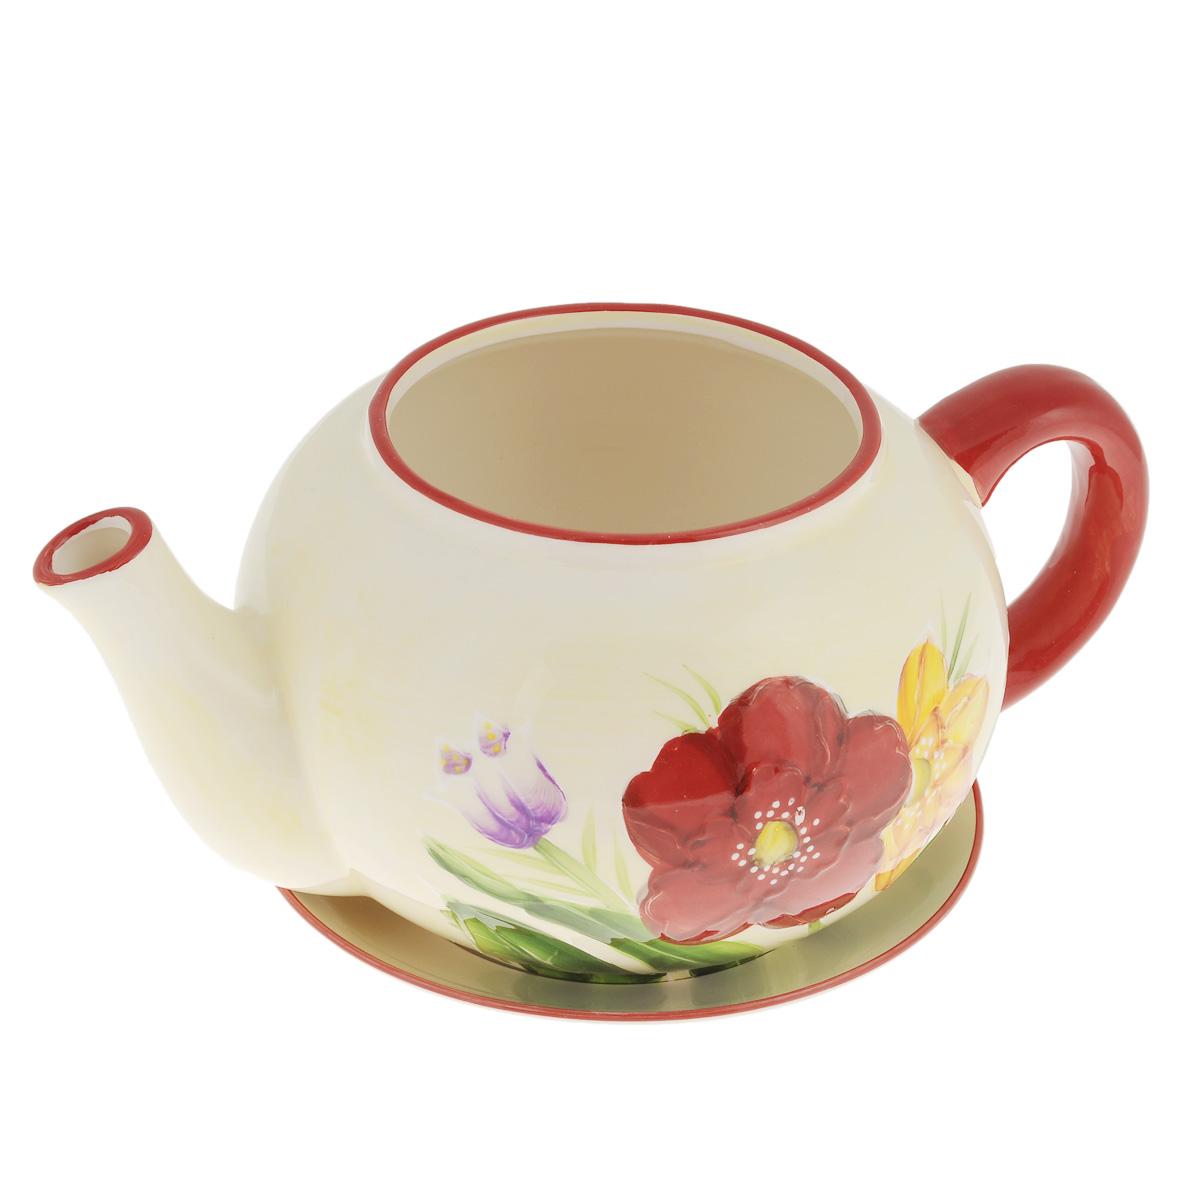 Кашпо Lillo Заварочный чайник, с поддоном. XY10S015-1EXY10S015-1EКашпо-горшок для цветов Lillo Заварочный чайник выполнен из прочной керамики и декорирован красочным рисунком. Изделие предназначено для цветов.Такие изделия часто становятся последним штрихом, который совершенно изменяет интерьер помещения или ландшафтный дизайн сада. Благодаря такому кашпо вы сможете украсить вашу комнату, офис, сад и другие места. Изделие оснащено специальным поддоном - блюдцем.Диаметр кашпо по верхнему краю: 12 см.Высота кашпо (без учета поддона): 14 см.Диаметр поддона: 20,5 см.